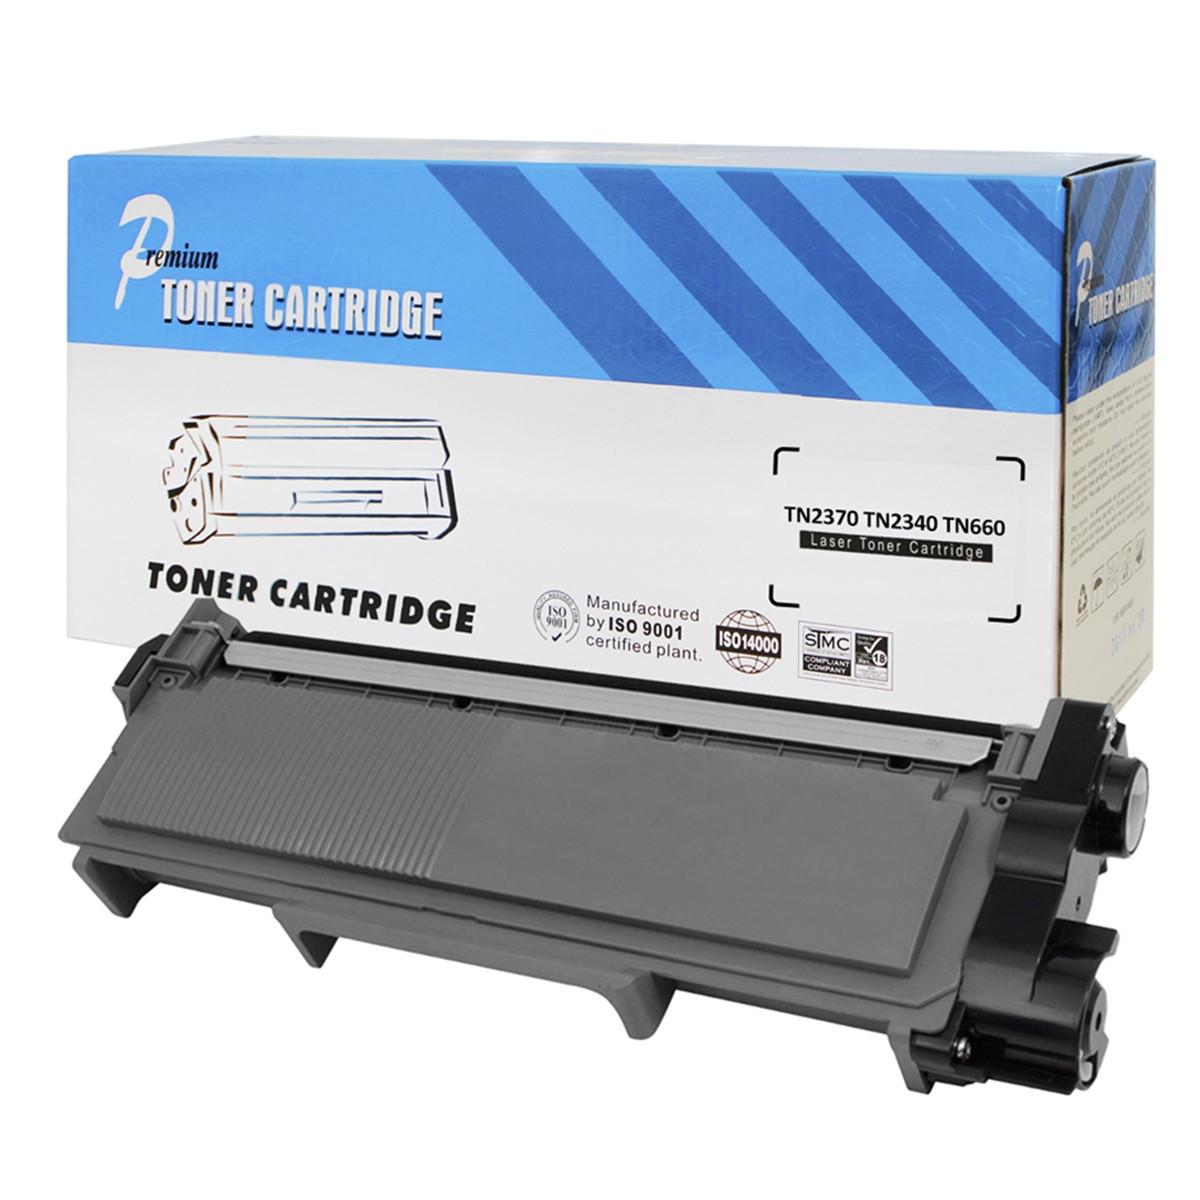 Caixa com 10 Toner Compatível com Brother TN2370 TN2340 TN660 | 2360 2320 2720 2740 2700 | Premium